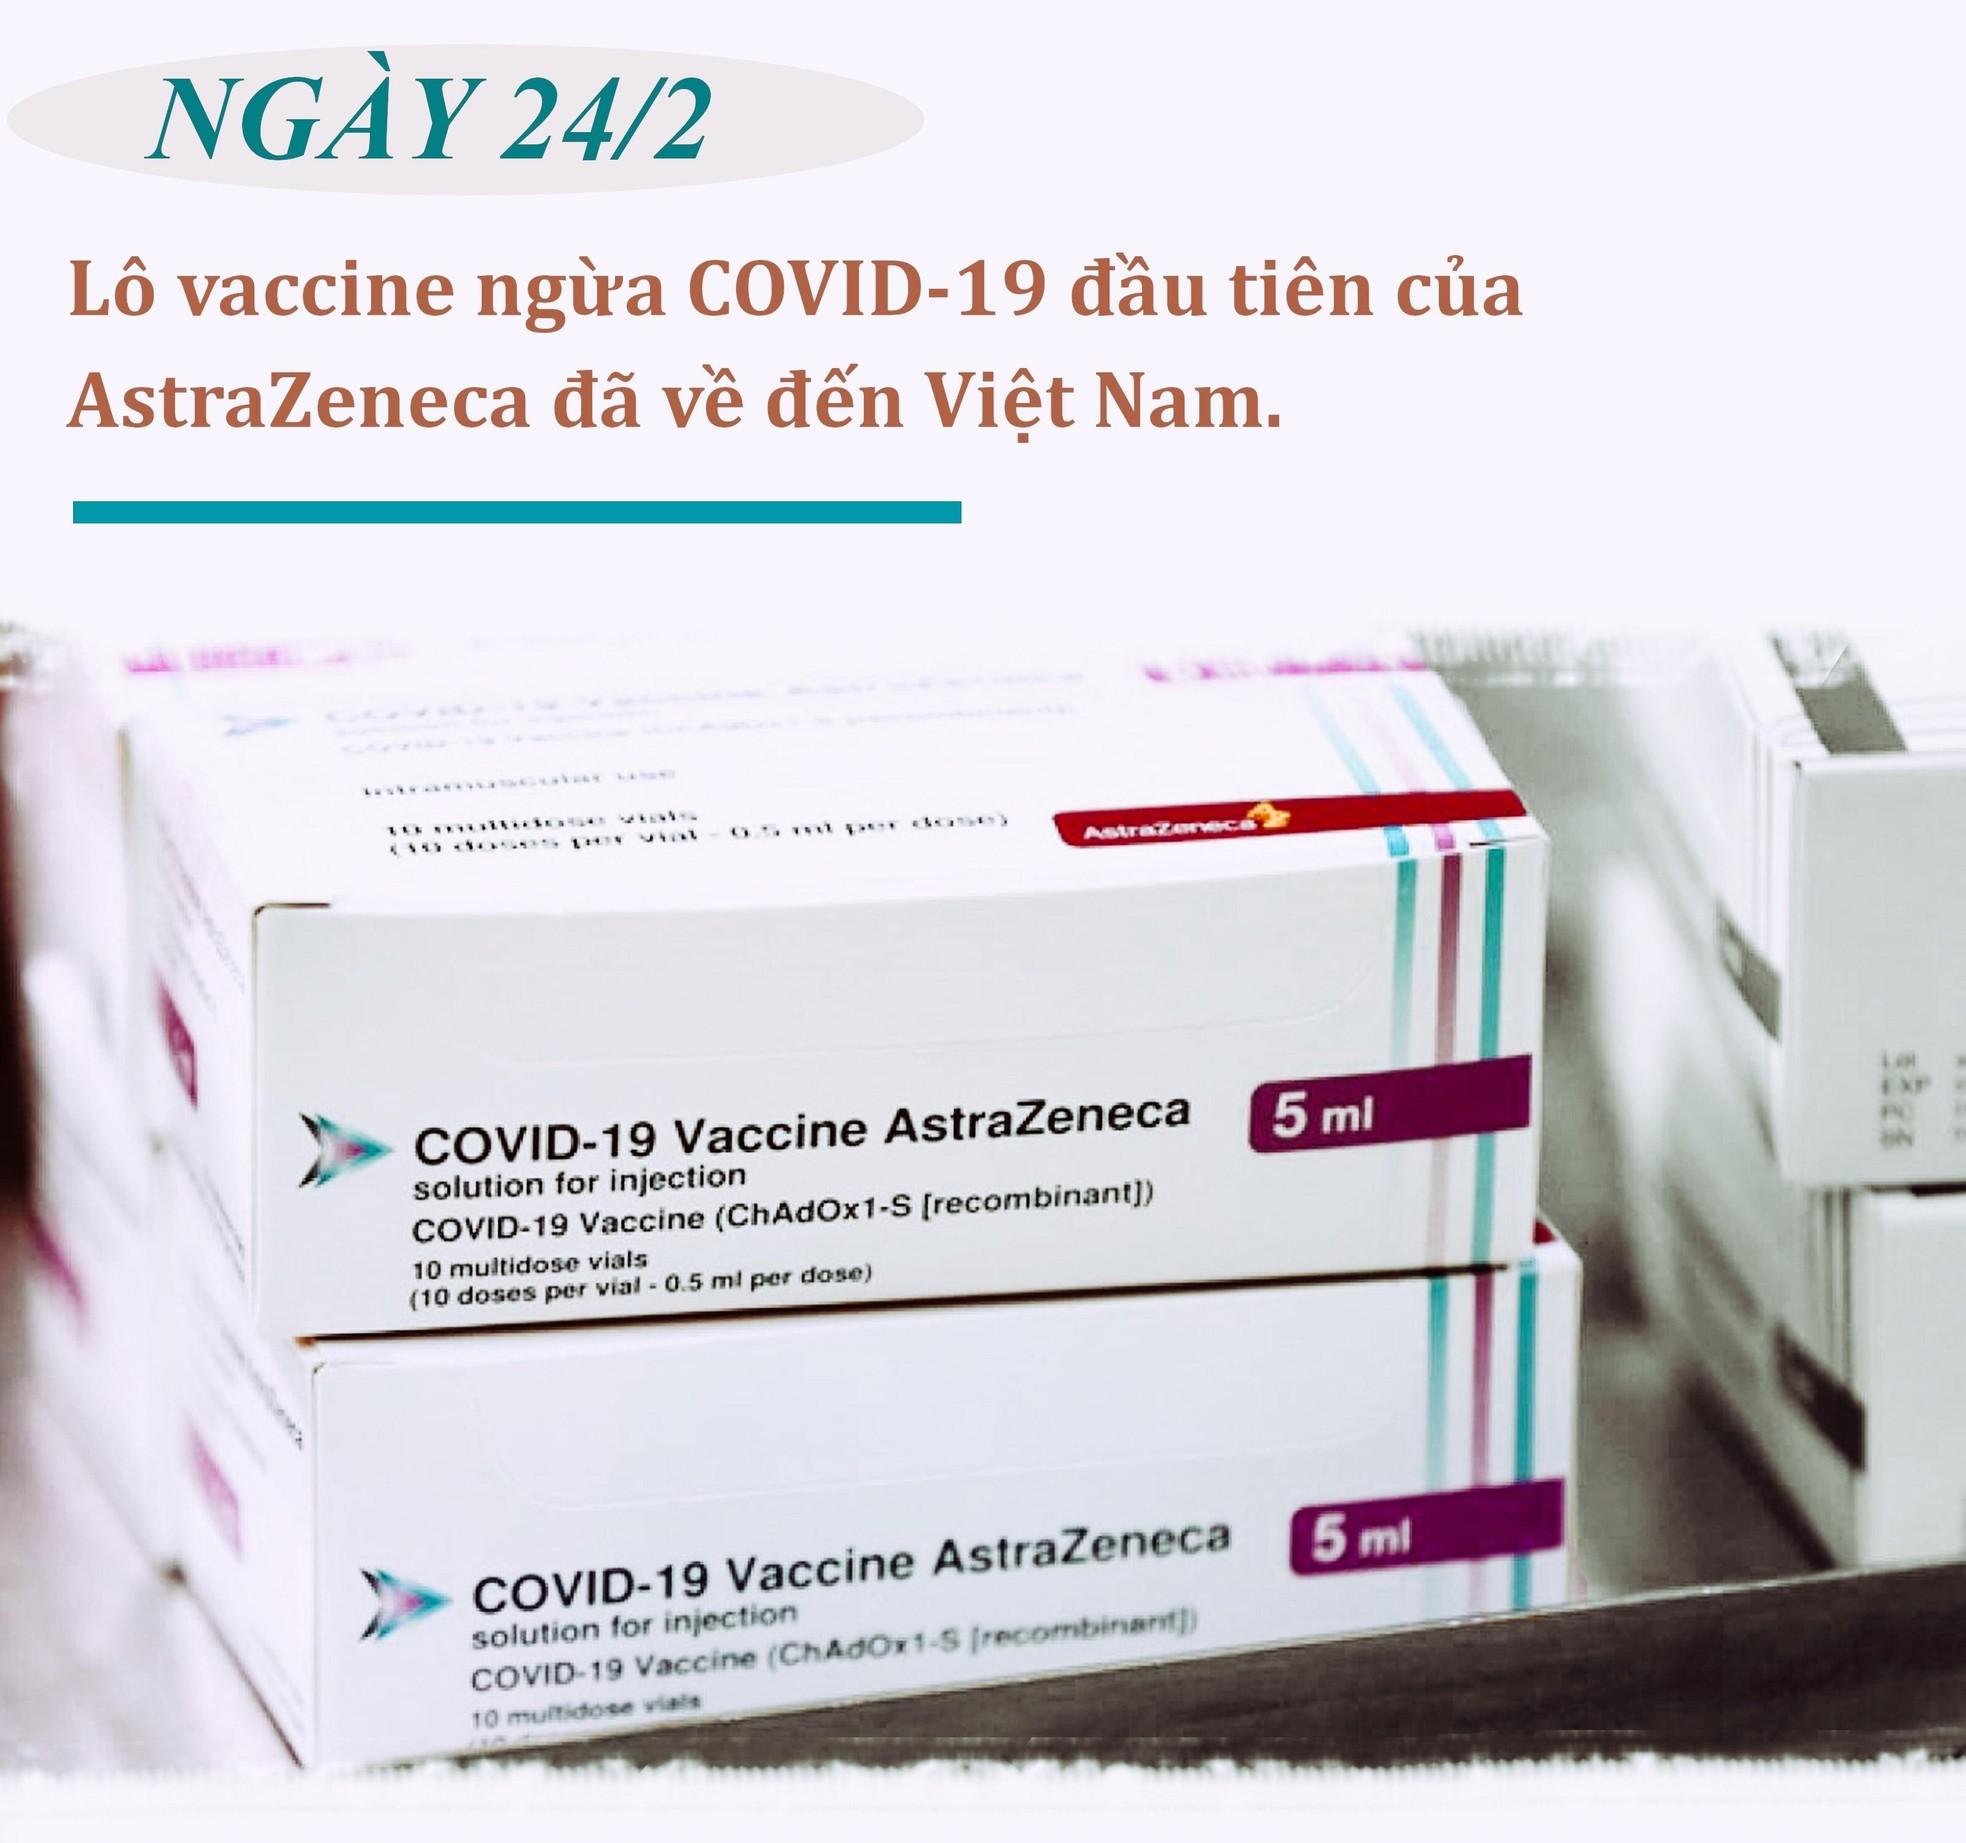 Việt Nam triển khai tiêm vaccine phòng COVID-19: Hào hứng và hồi hộp! ảnh 2